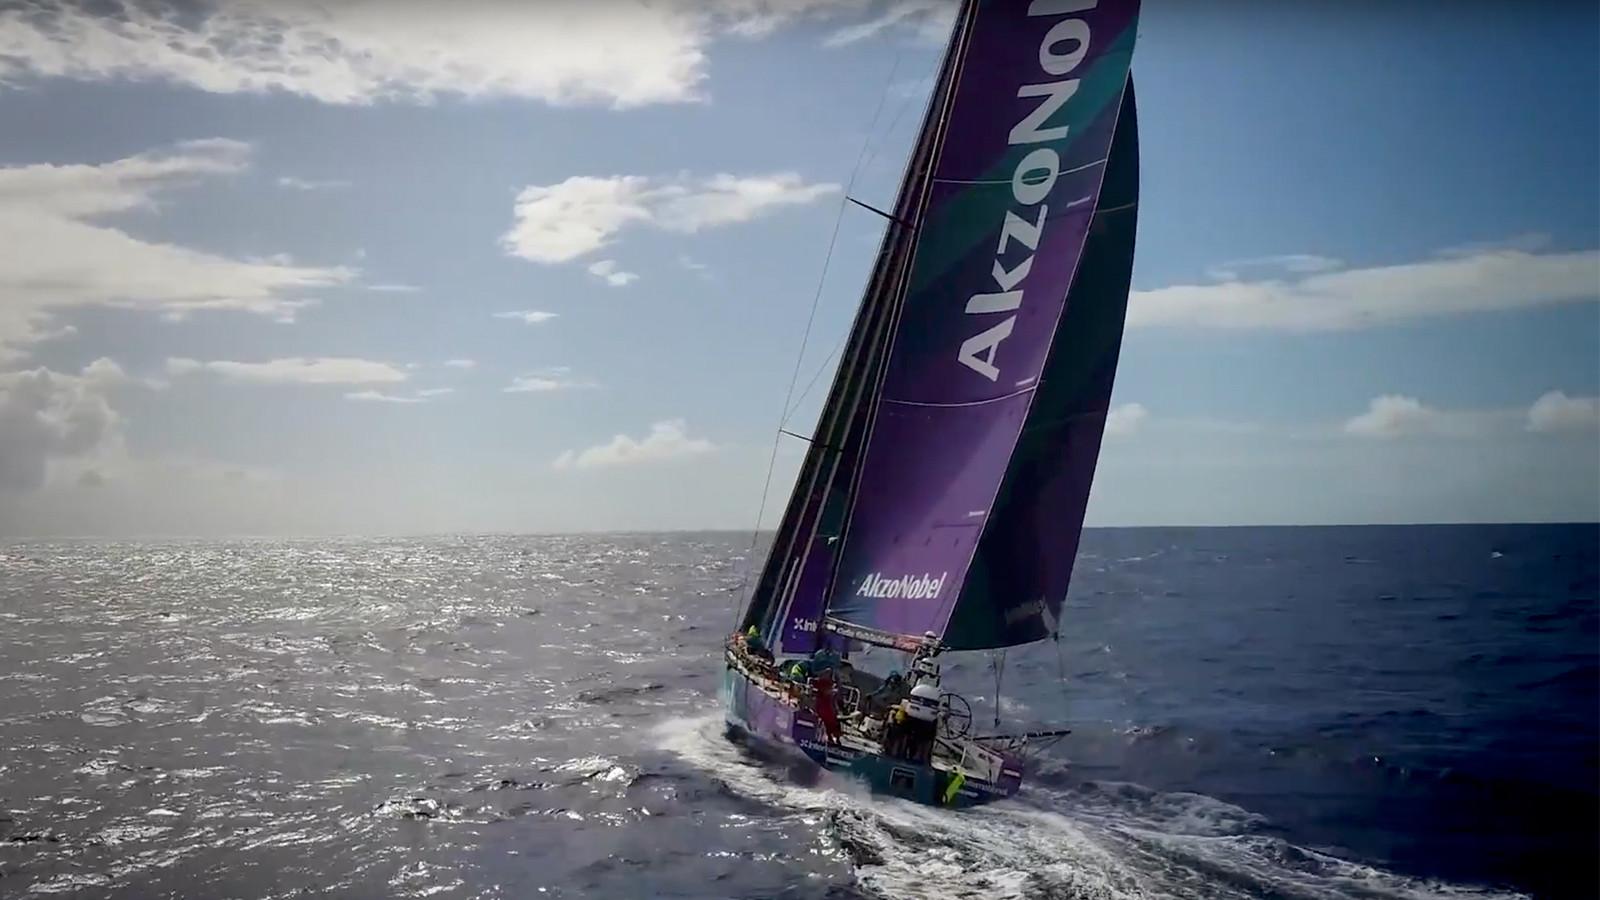 De deelnemers aan de Volvo Ocean race krijgen een stress-test.